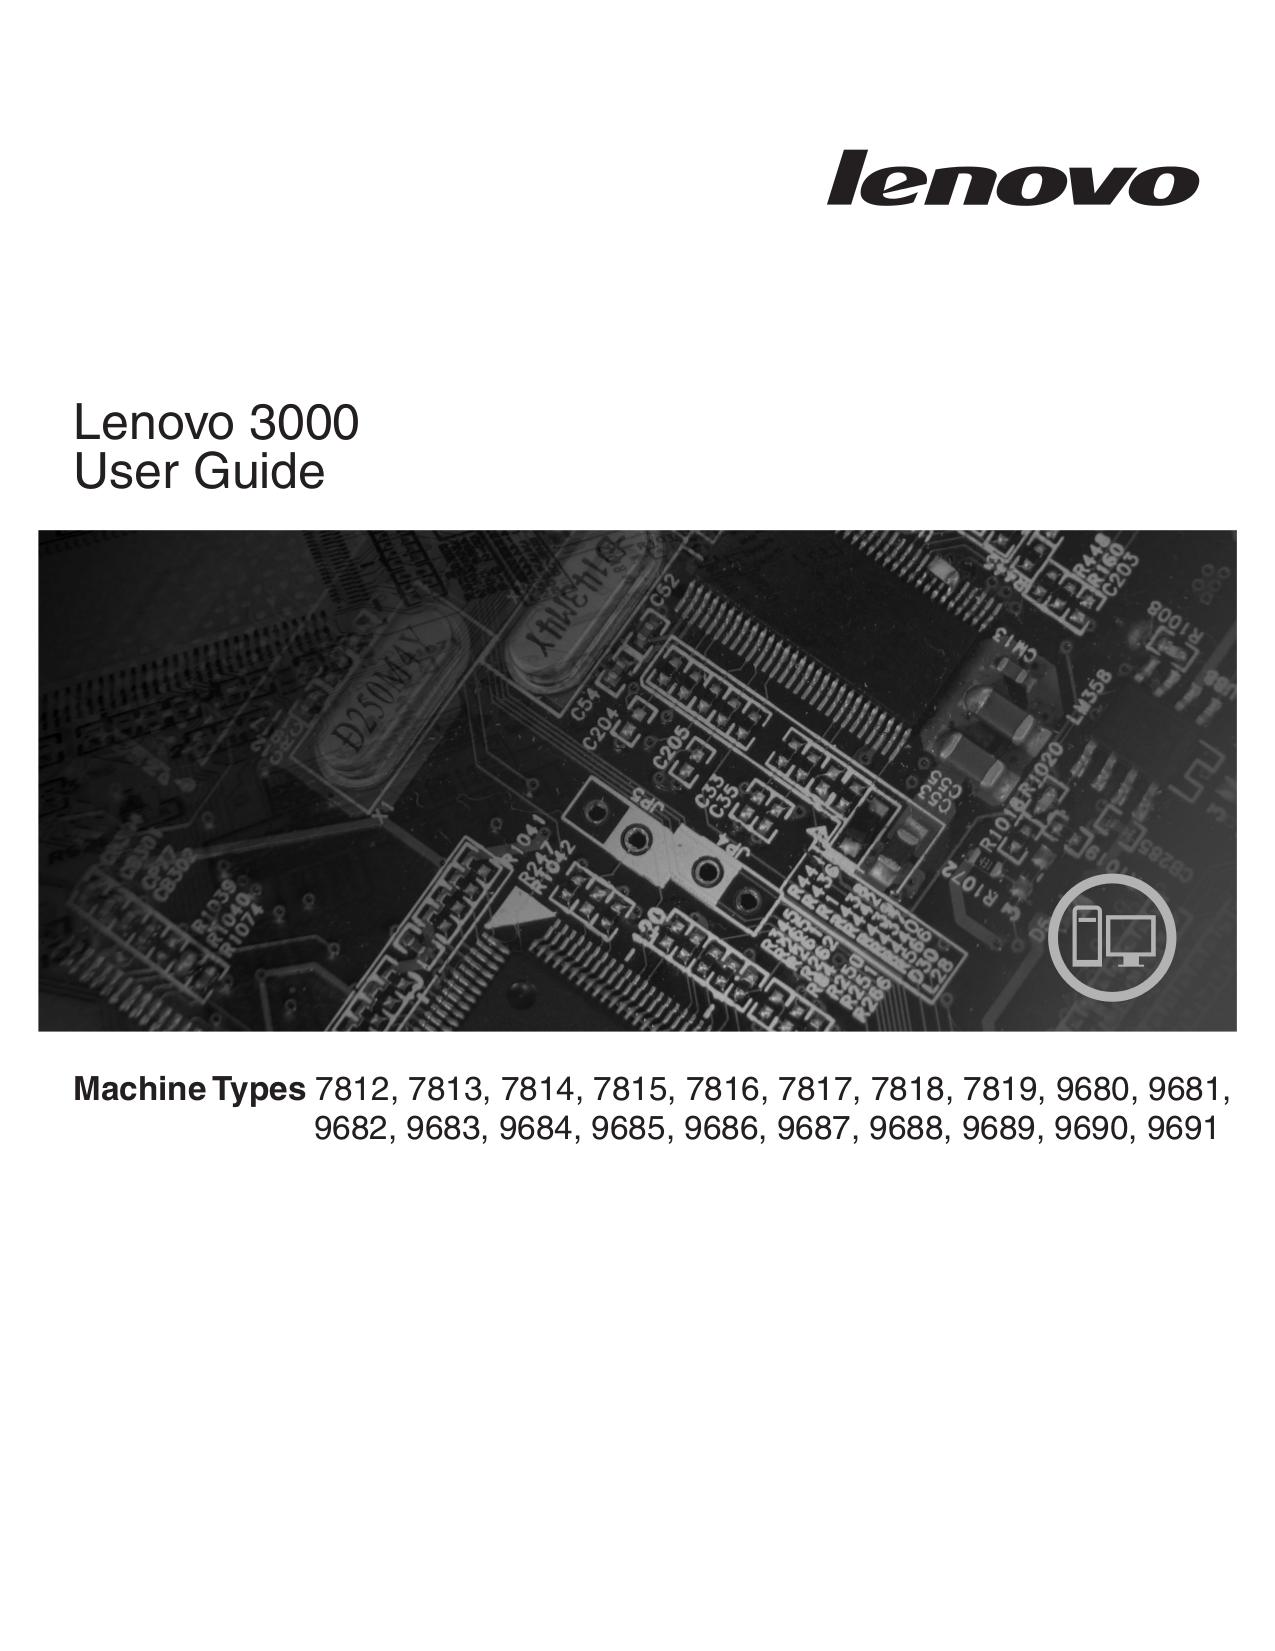 pdf for Lenovo Desktop 3000 J200 Value manual